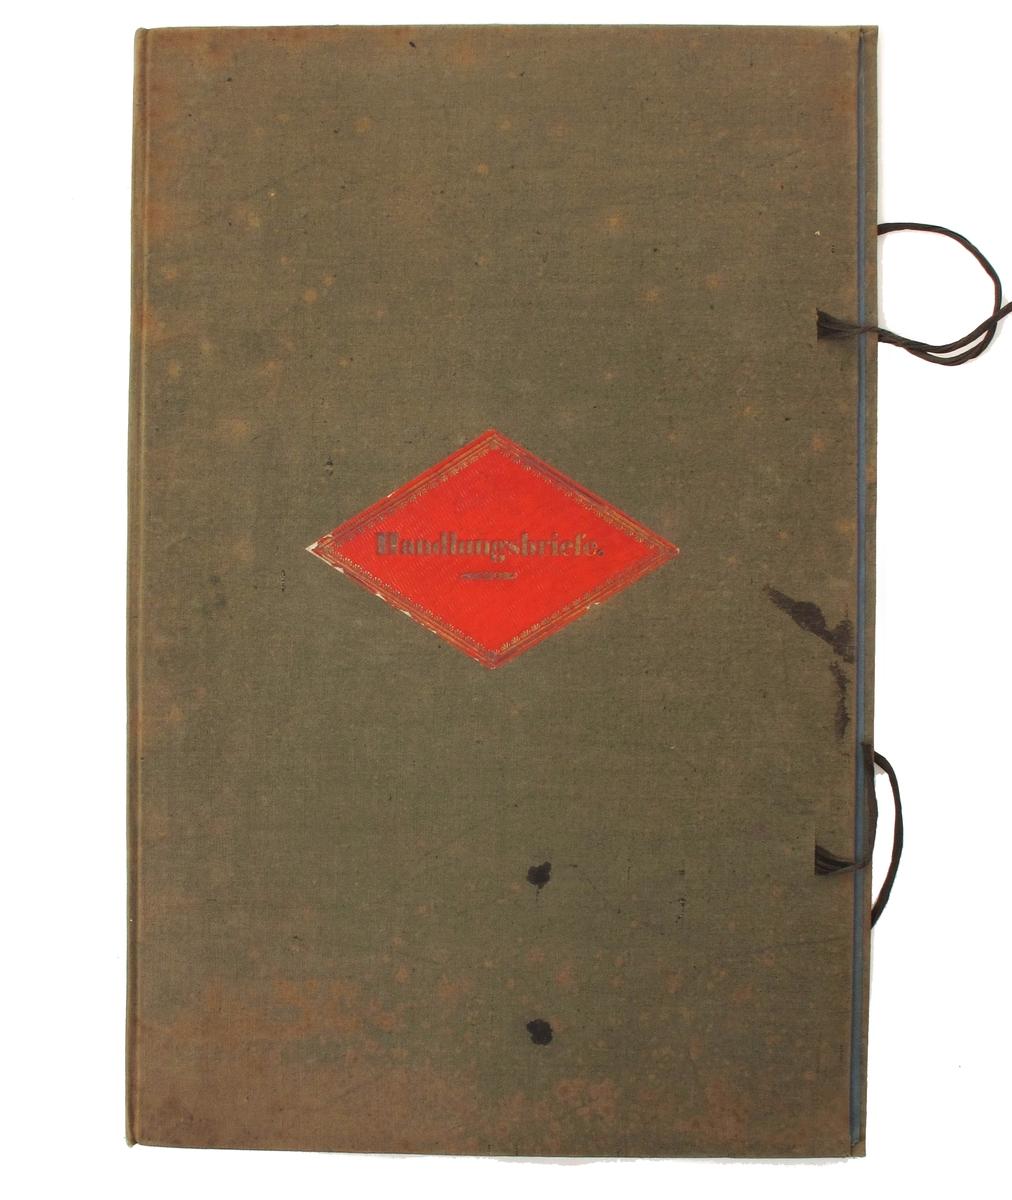 Brevmappe med stiv lerretsperm, rød tureformet etikett med ovenstående tekst i gull. To brune knyttebånd.  Innv. blått papir.  Inni ligger to gamle papiromslag fra arkivet.